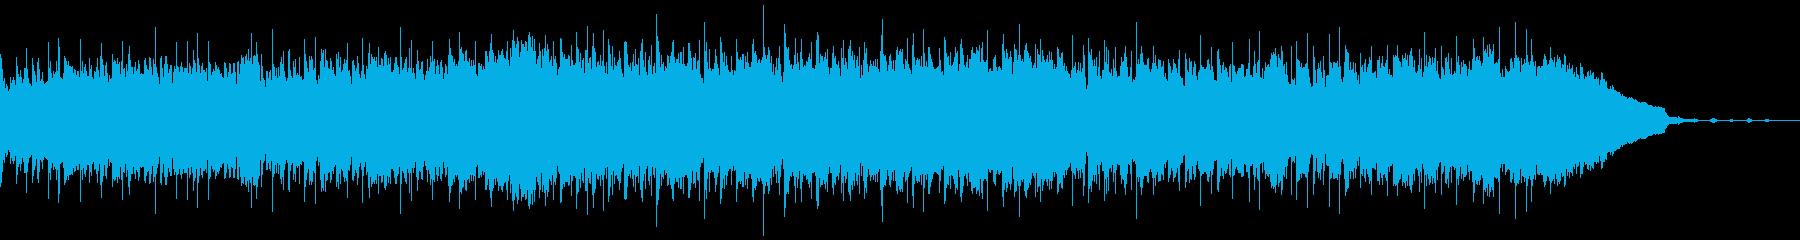 コミカルで明るいCMにぴったりのブルースの再生済みの波形